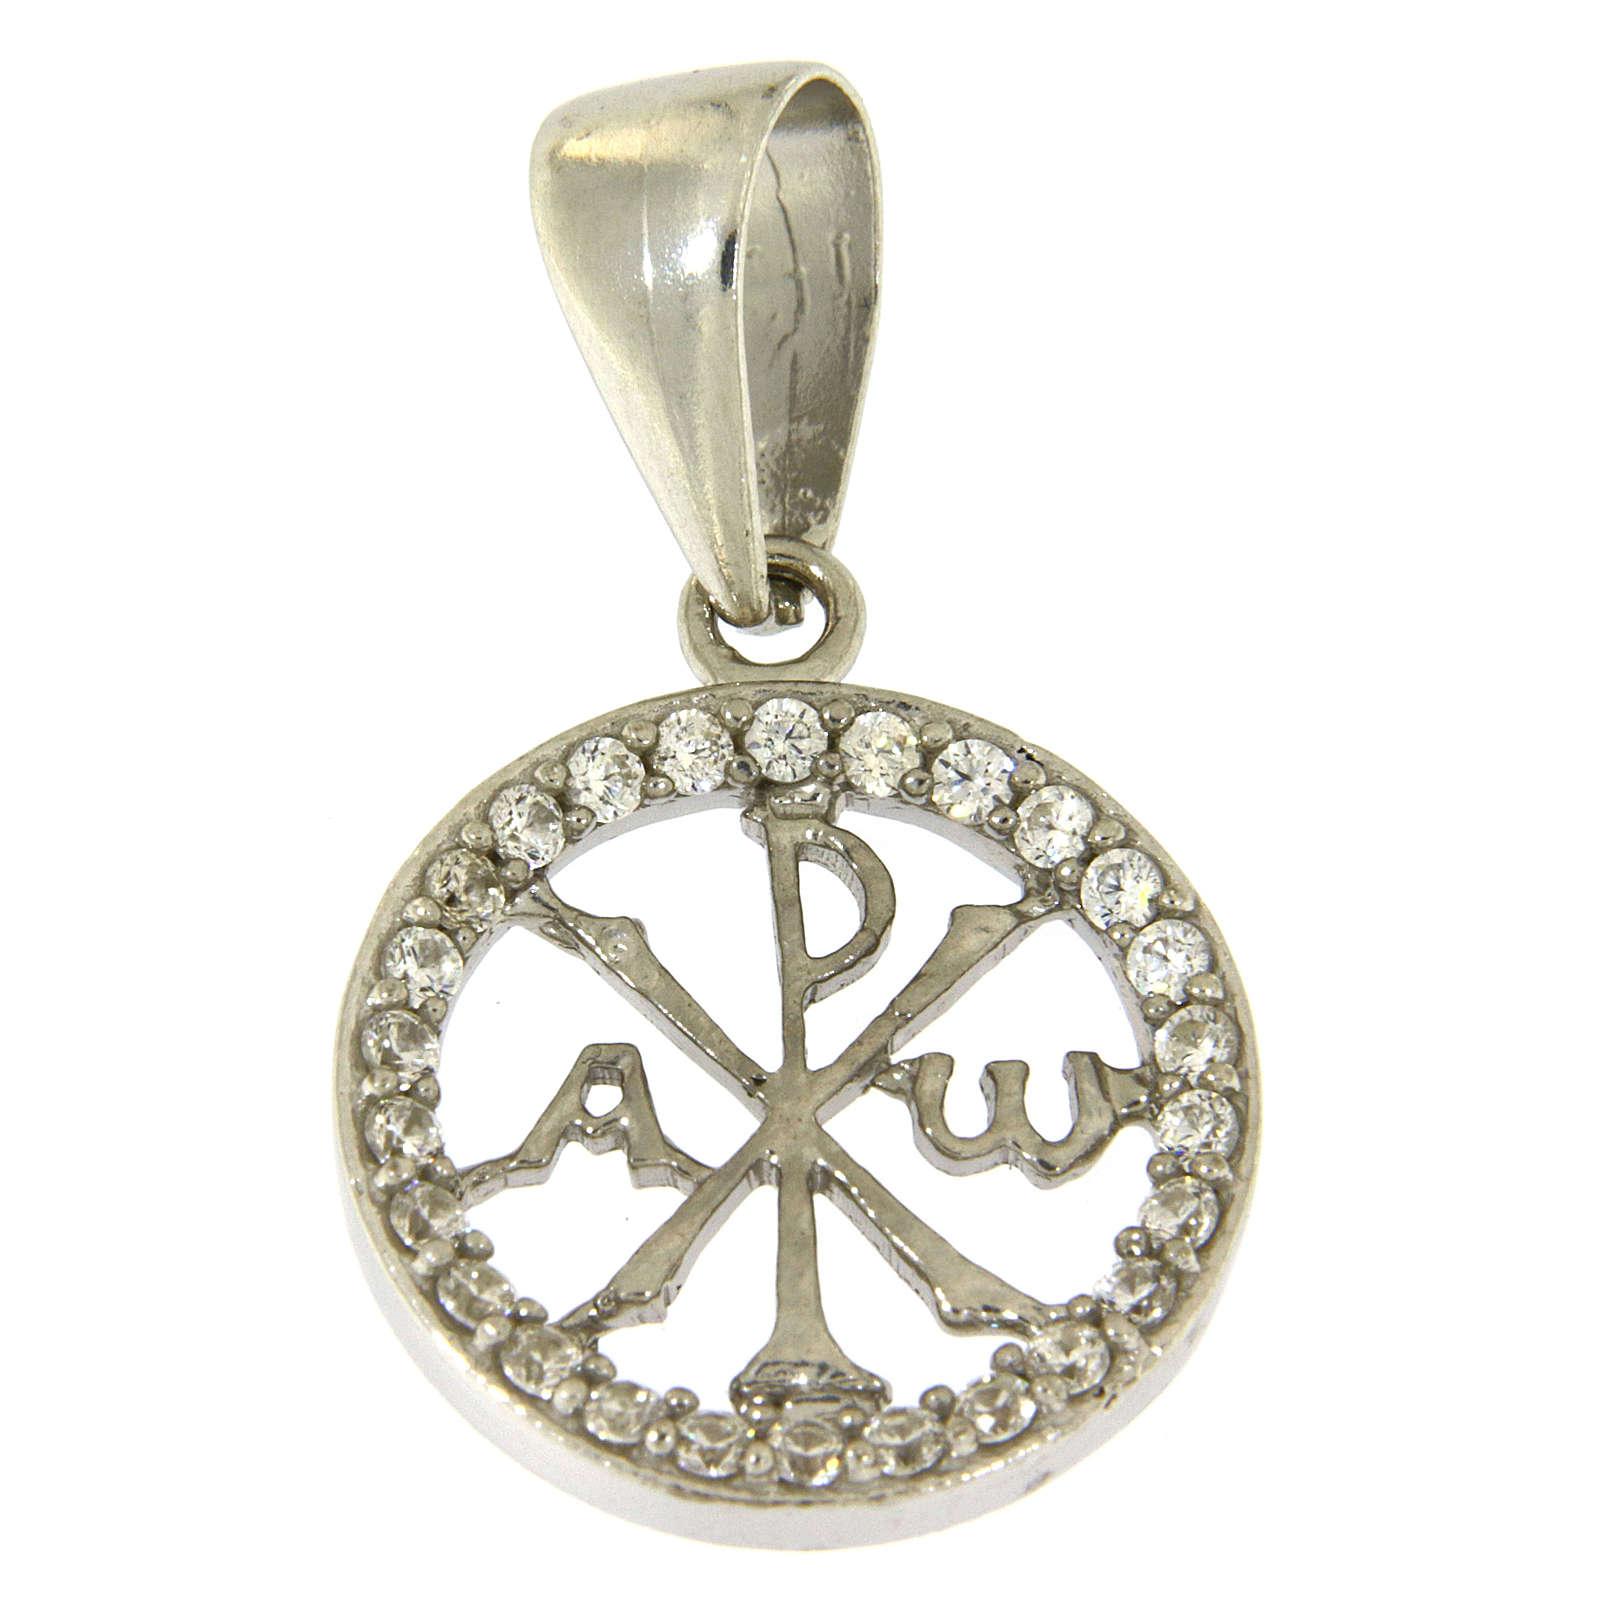 Medaglietta in argento 925 zirconi bianchi e simbolo Pax 4